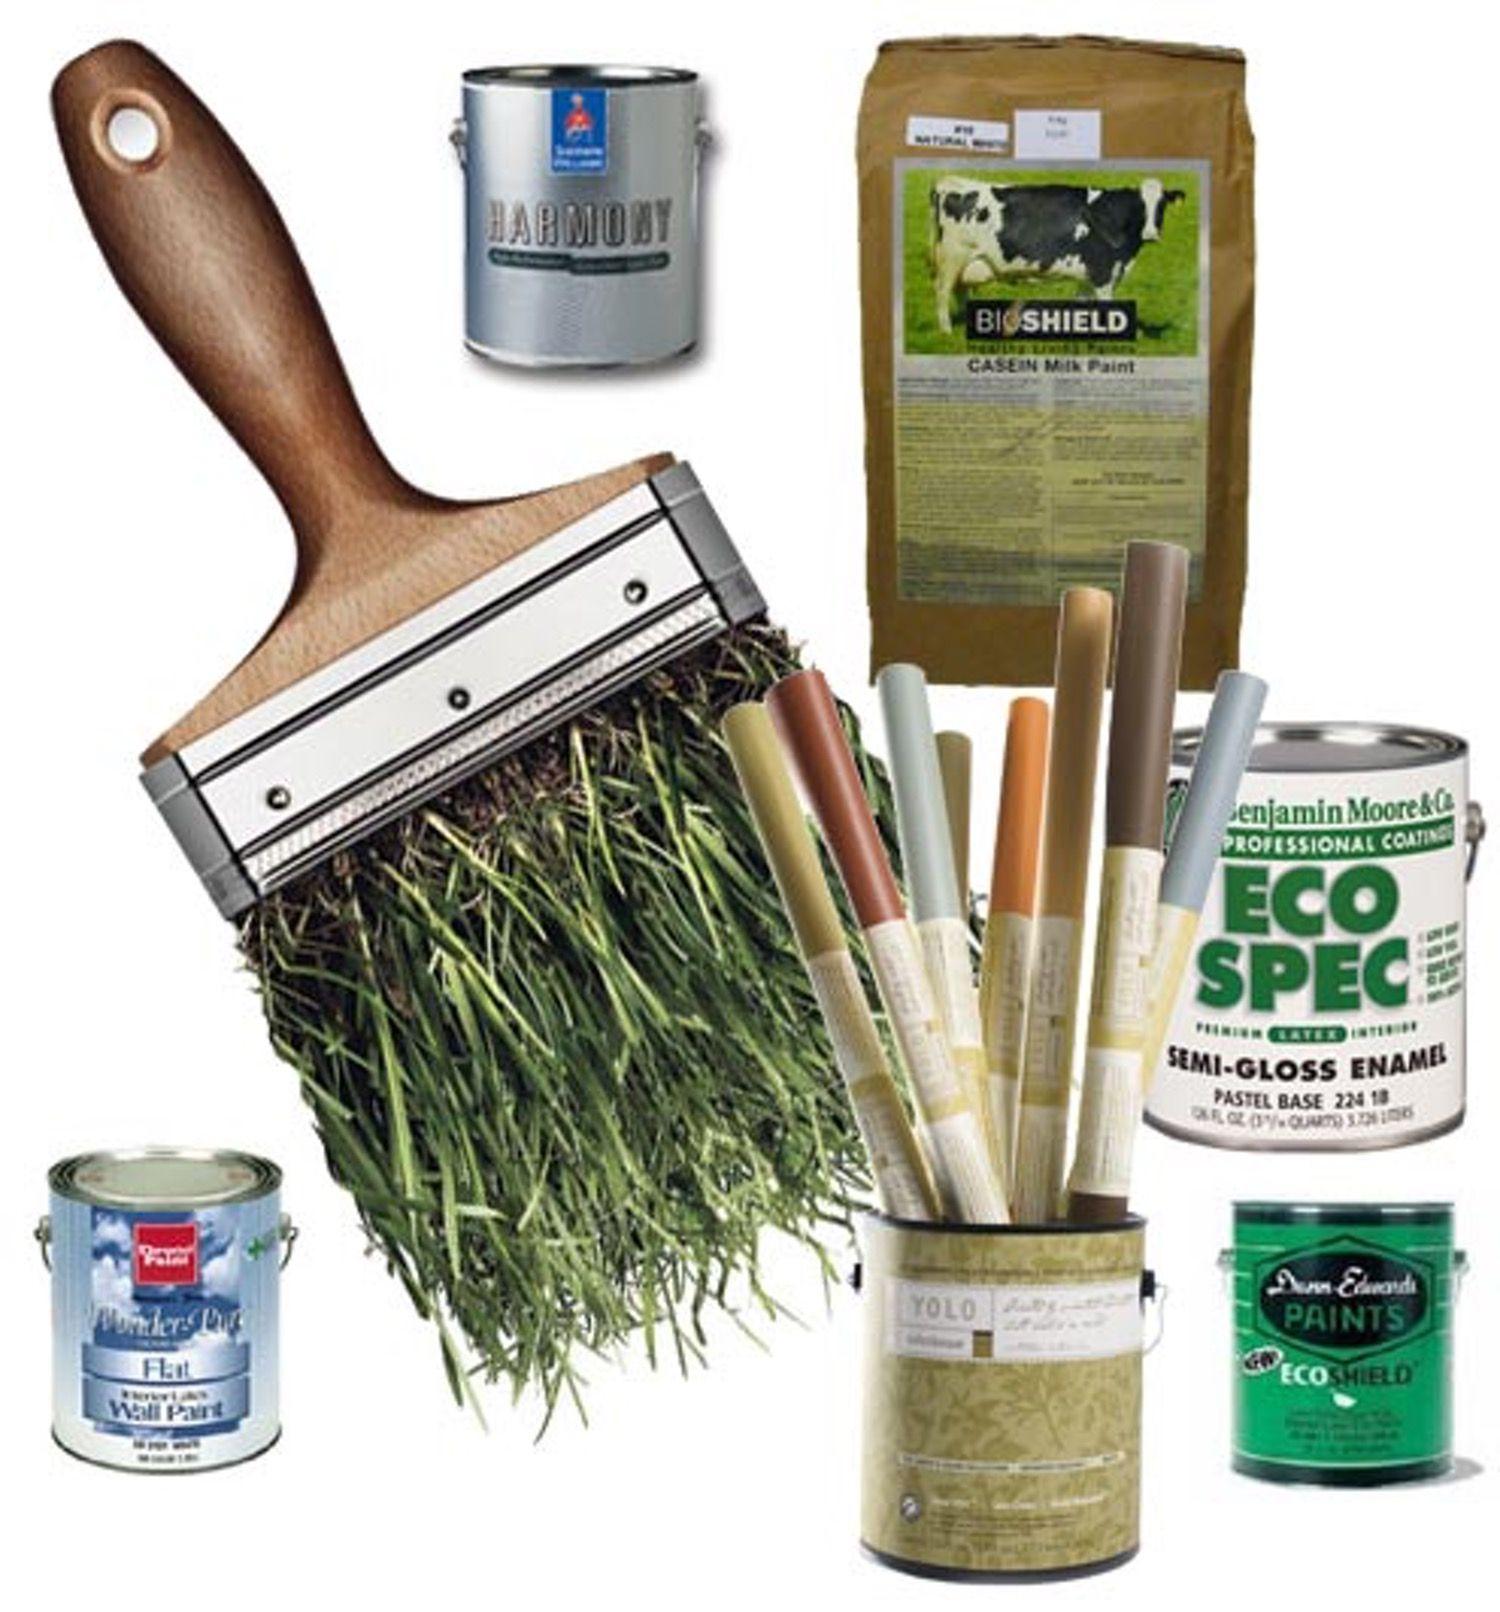 10 Best Non-VOC Low-Toxic Interior Paints  sc 1 st  Pinterest & 10 Best Non-VOC Low-Toxic Interior Paints   House Ideas   Pinterest ...